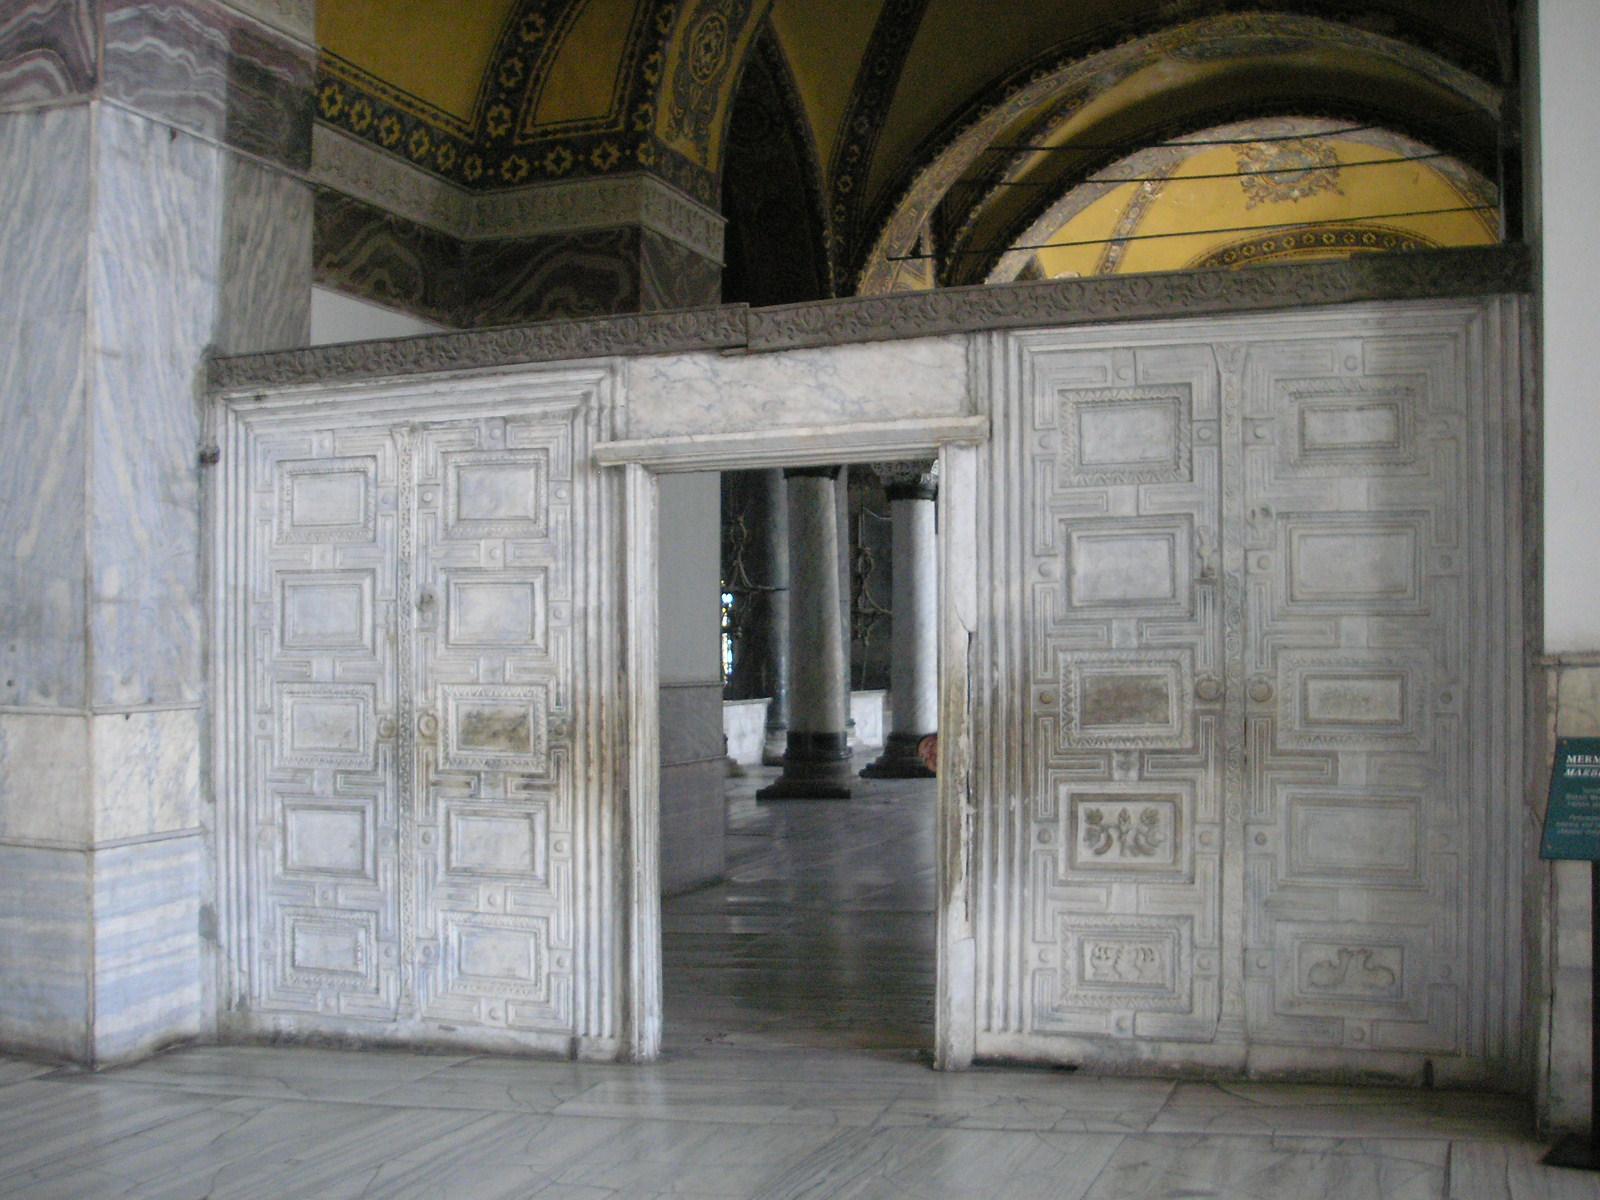 FileMarble door Hagia Sophia 2007 003.jpg & File:Marble door Hagia Sophia 2007 003.jpg - Wikimedia Commons